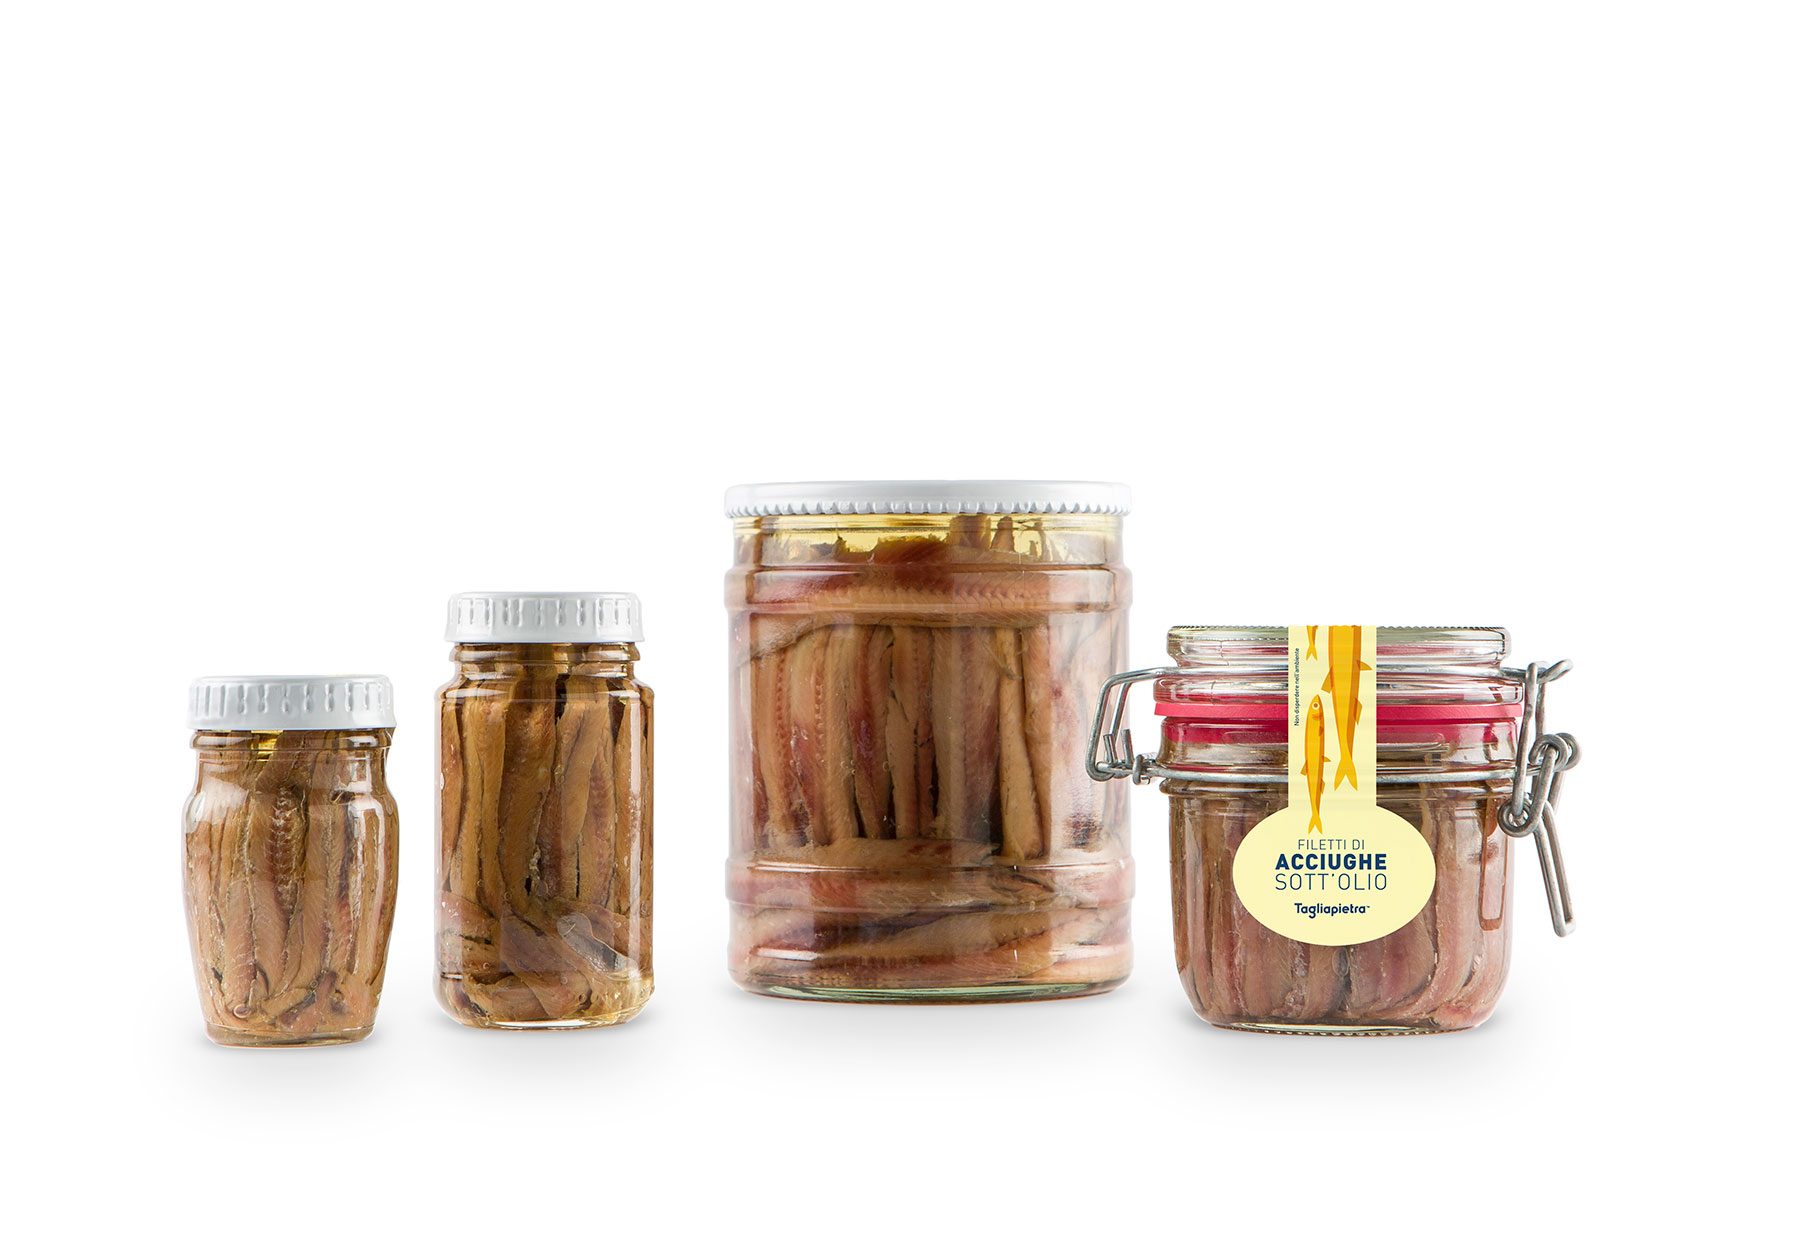 Realizzazione etichette prodotto alimentare Tagliapietra Dry Studio